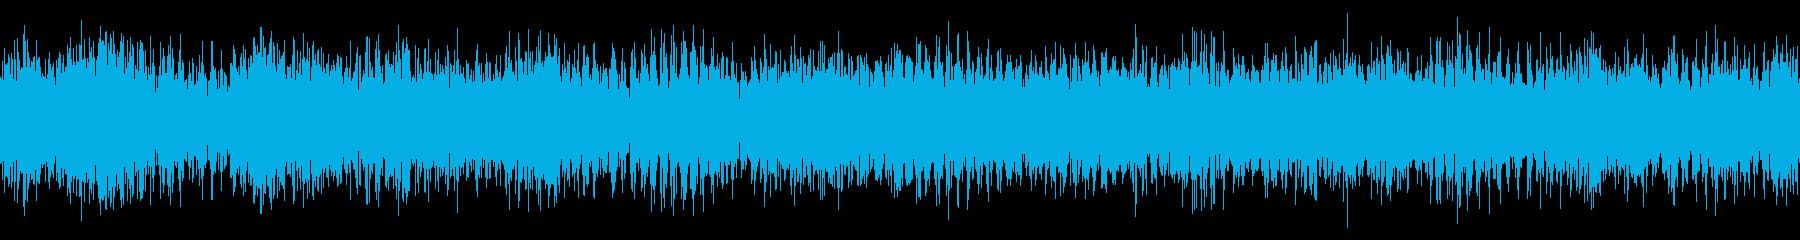 小型クルーズ船の停泊中の音の再生済みの波形